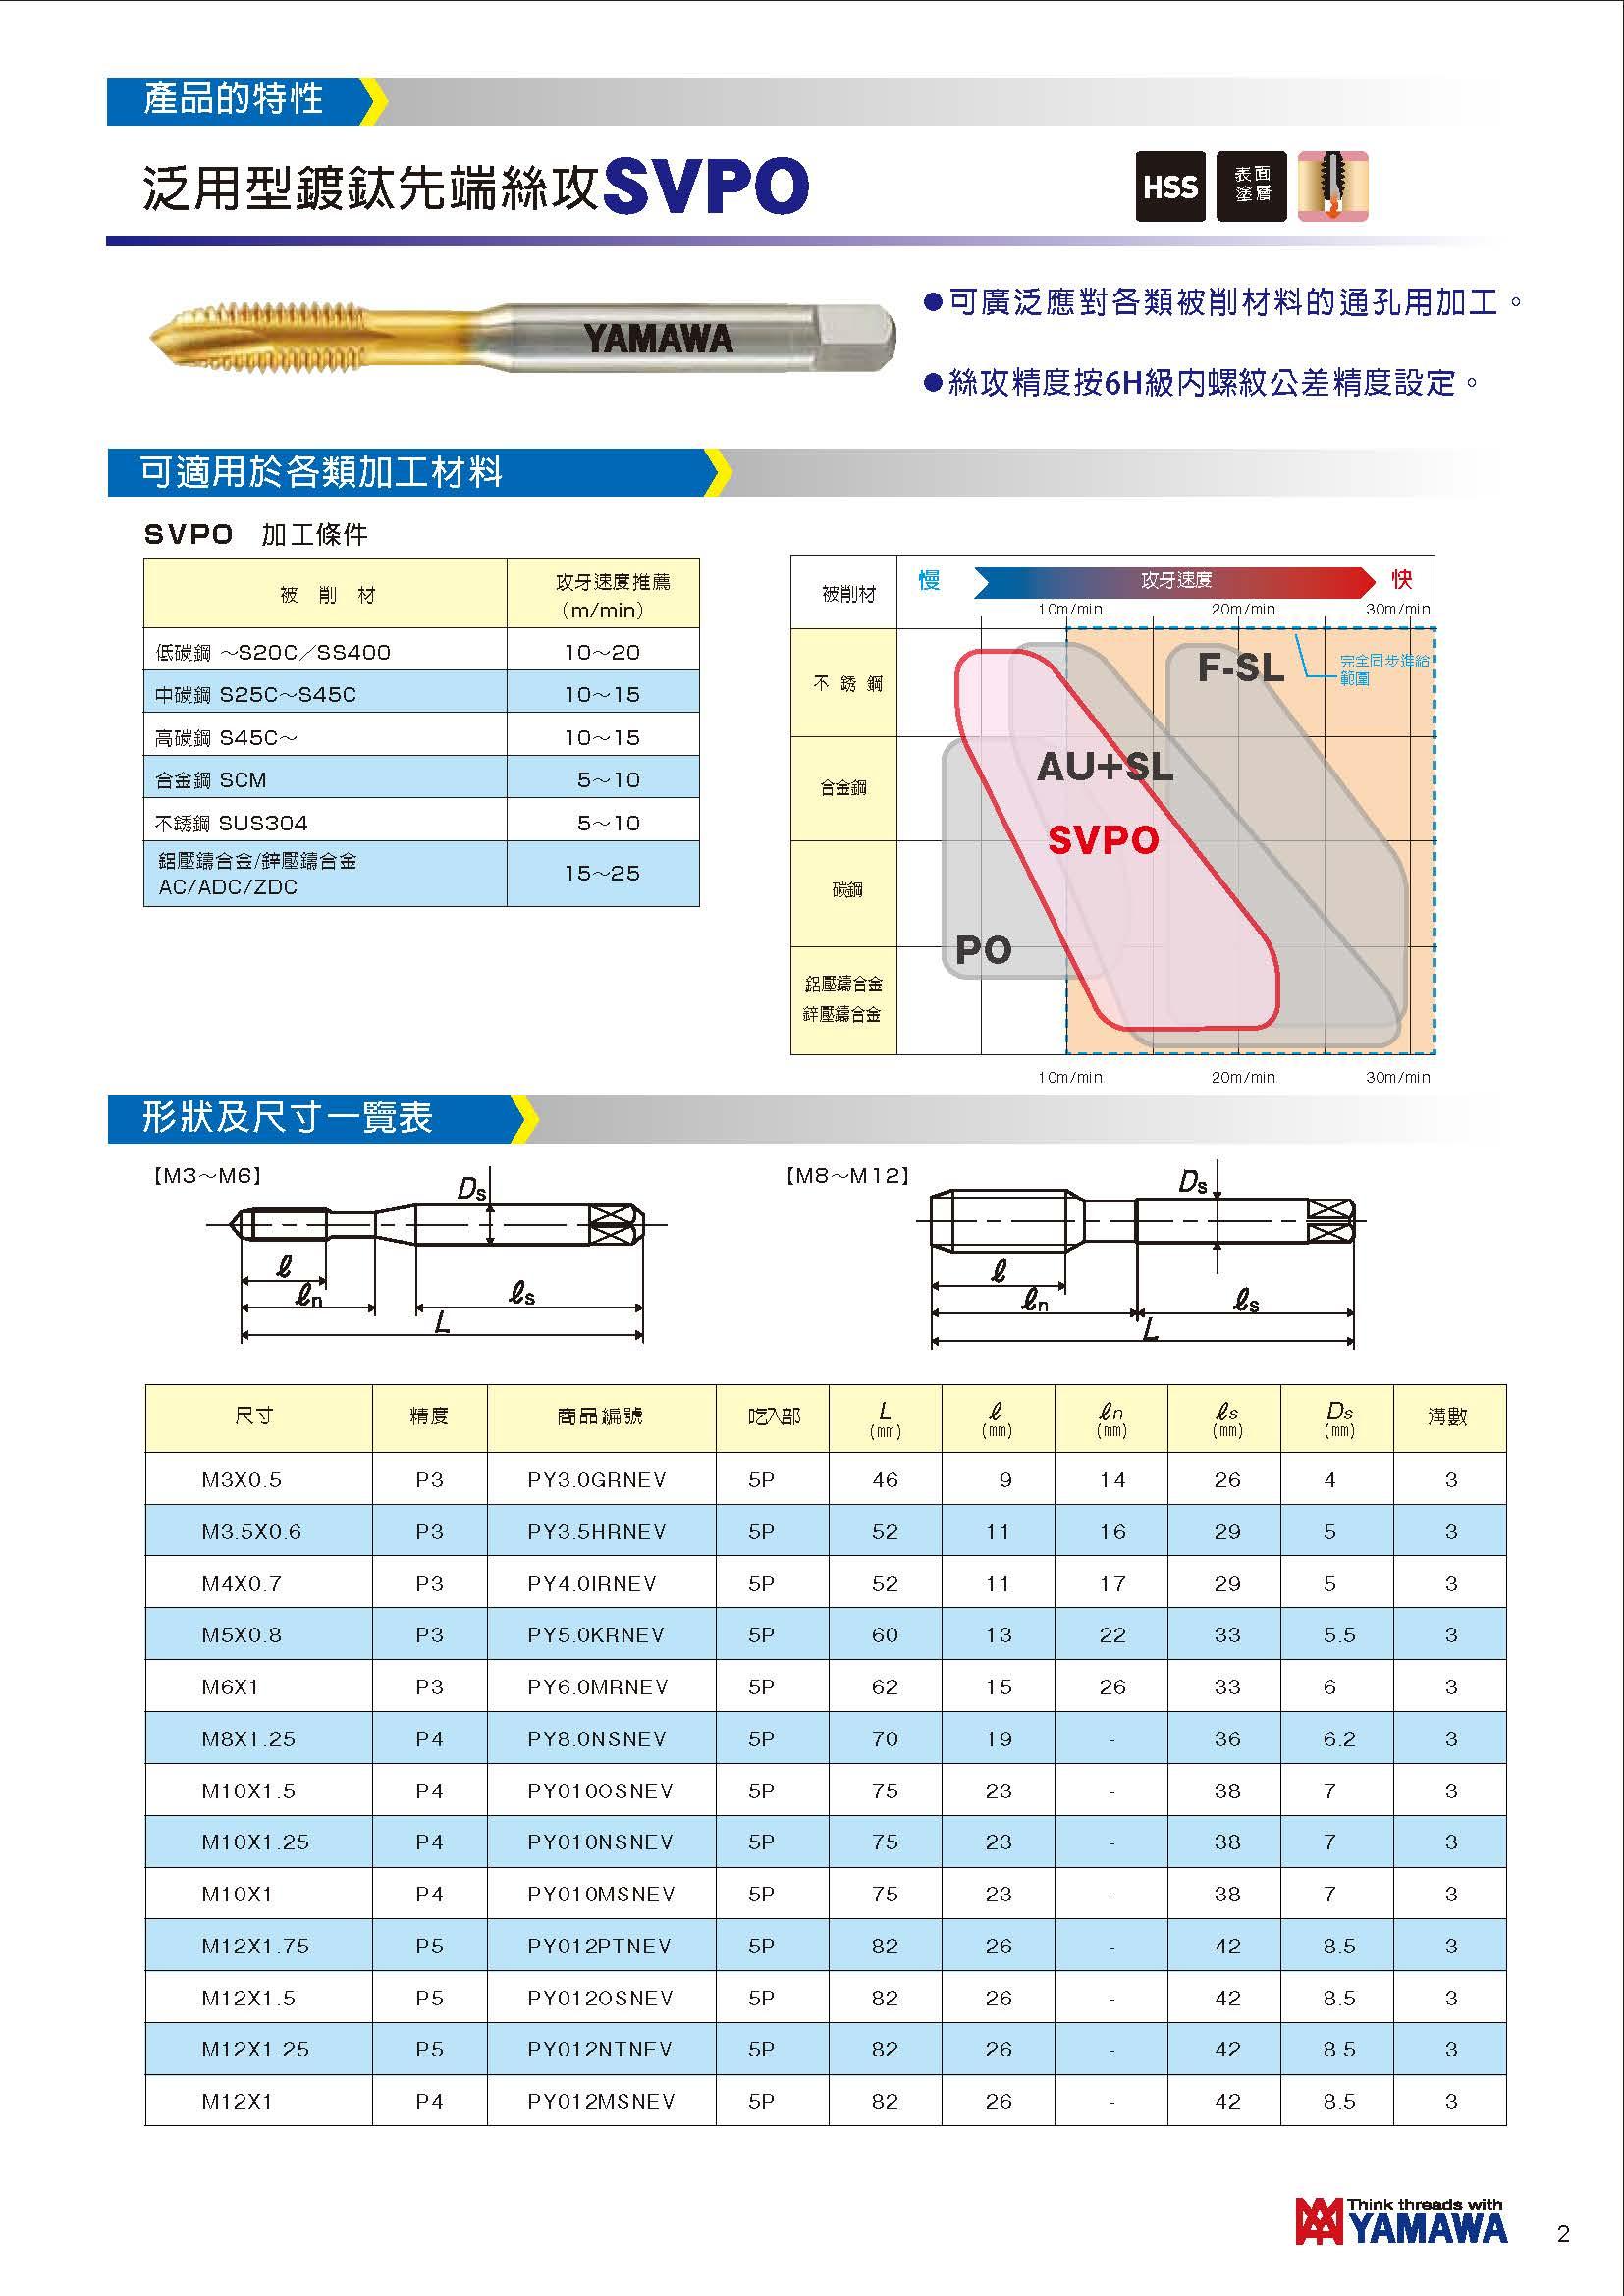 頁面提取自--最新版更中mi-SV泛用型鍍鈦絲攻系列.compressed-2_頁面_2